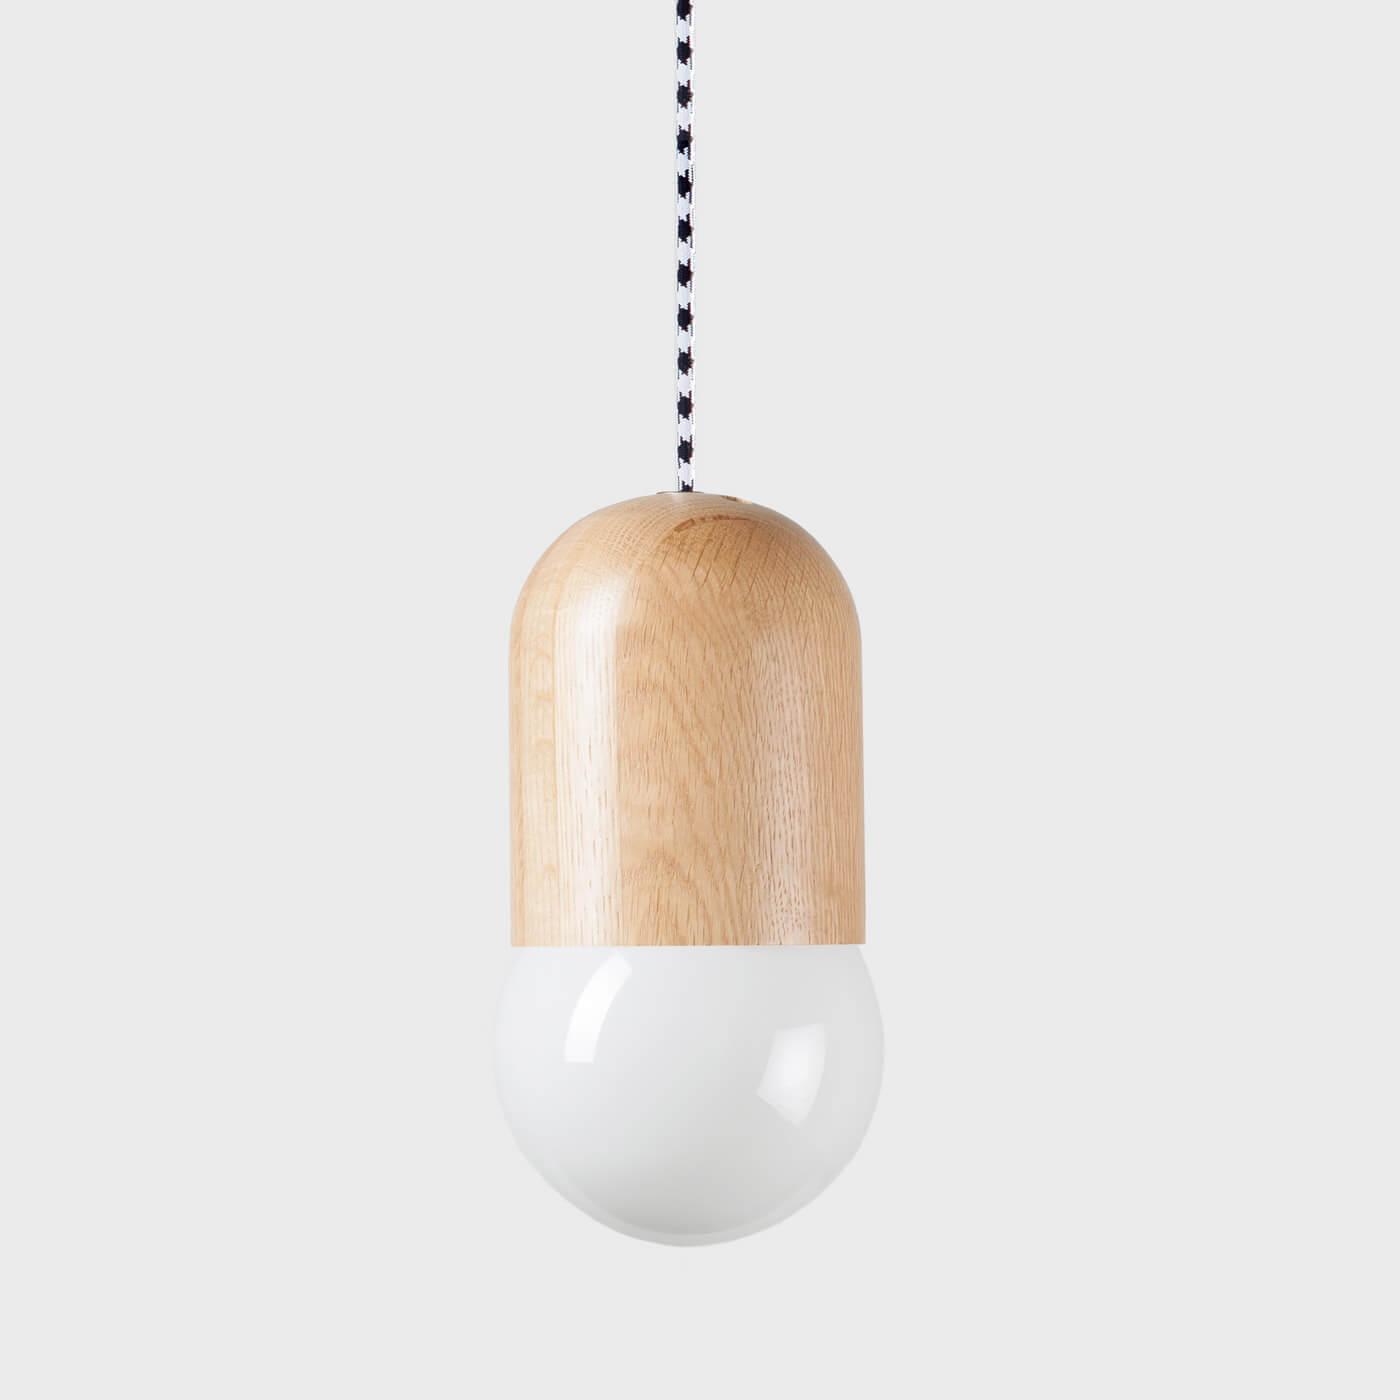 Подвесной светильник Light Bean - вид 6